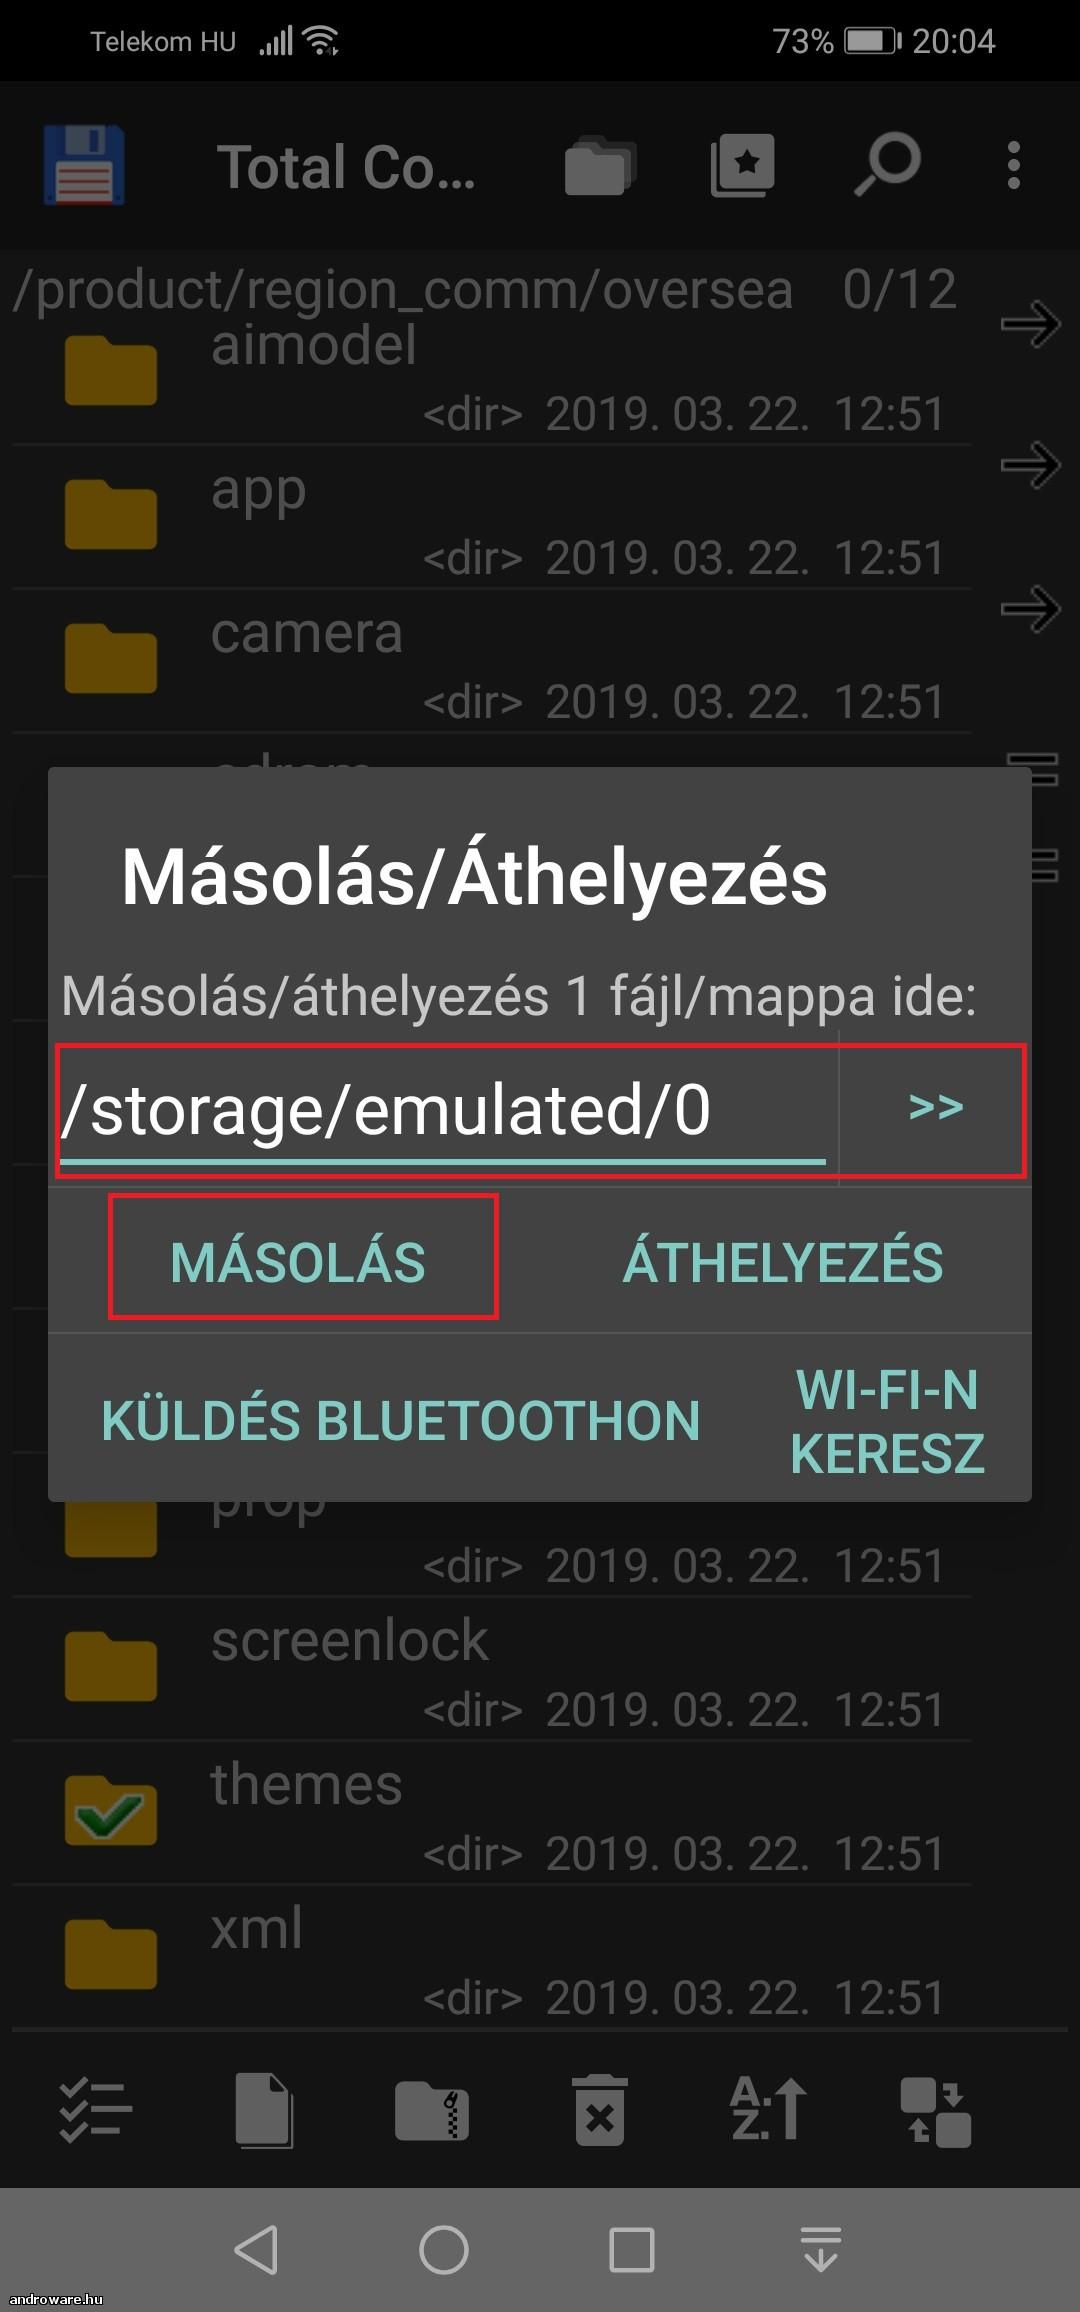 Screenshot_20190506_200407_com.ghisler.android.TotalCommander.jpg